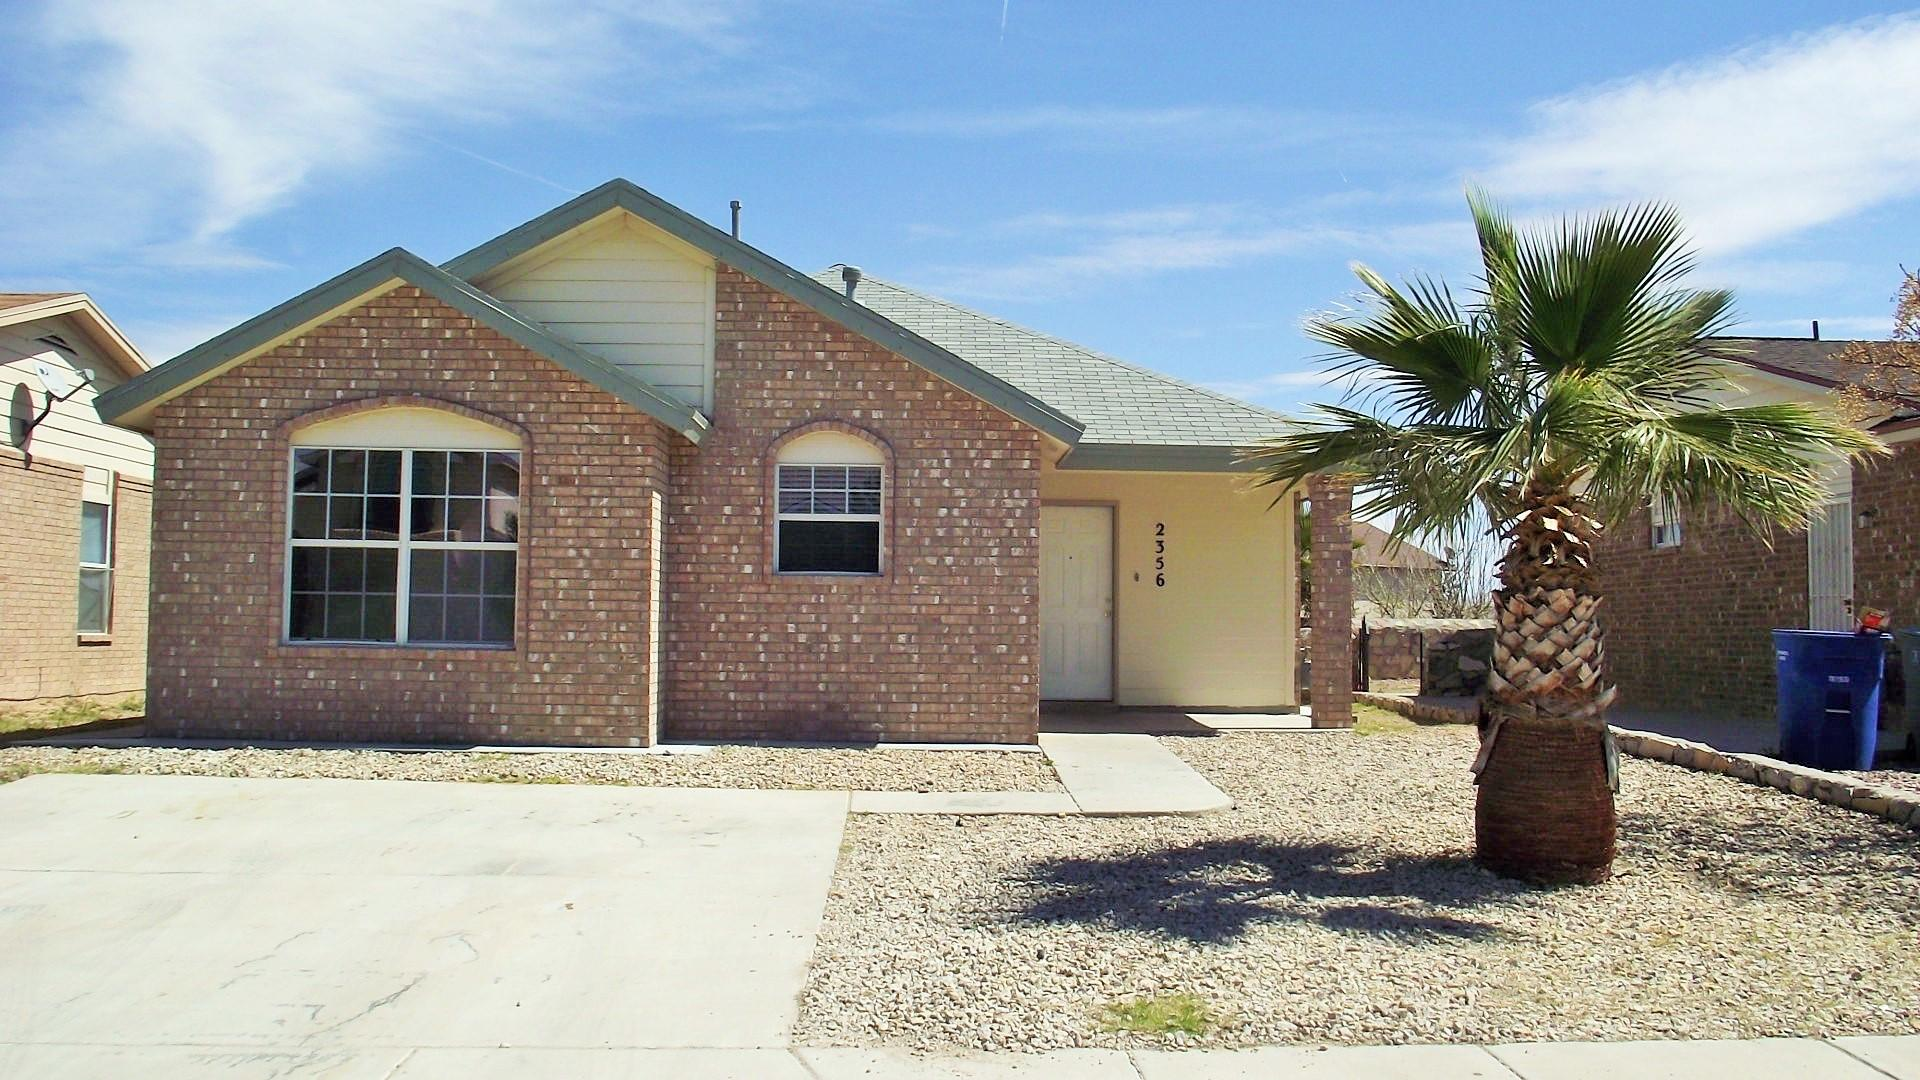 2356 Tierra Blanda Drive, El Paso, Texas 79938, 3 Bedrooms Bedrooms, ,2 BathroomsBathrooms,Residential Rental,For Rent,Tierra Blanda,832846